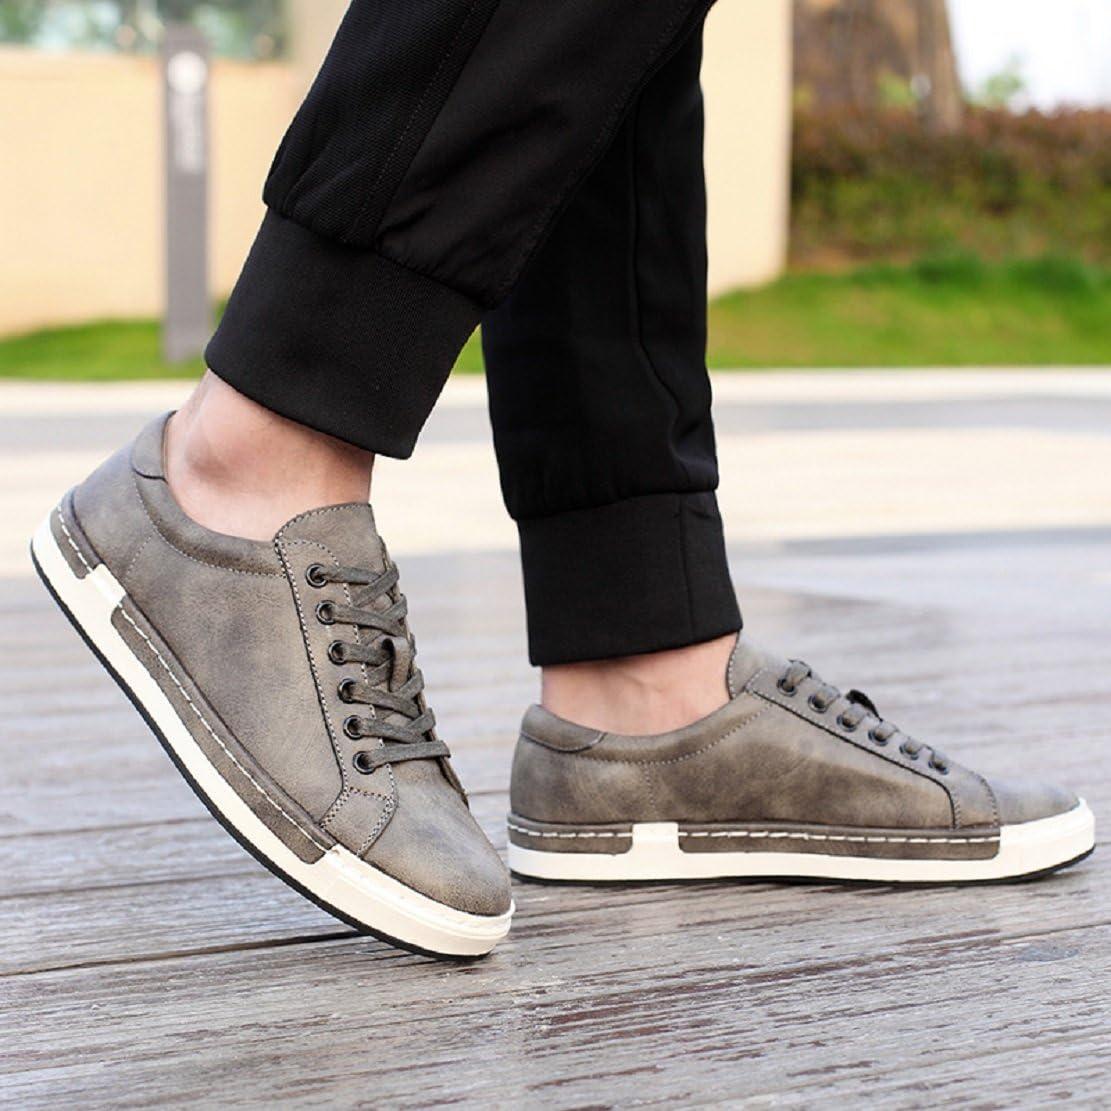 Homme Baskets /à Lacets Casual Basses Chaussures en Cuir Travail Business Sneakers Sport Noir Marron Gris Jaune 38-48